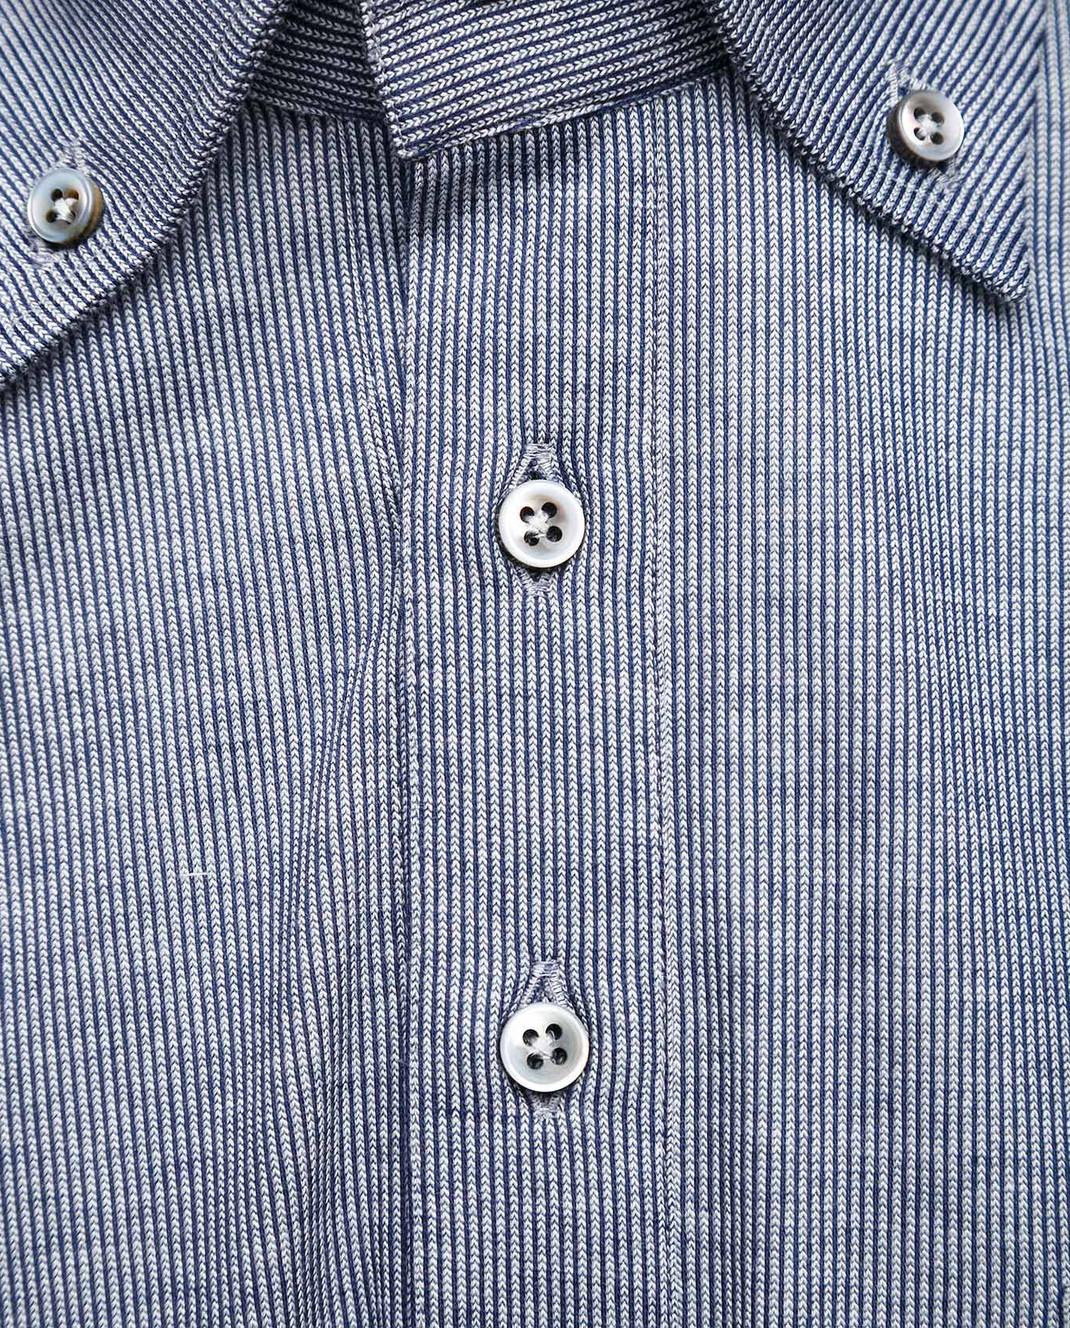 Marol Синяя рубашка с длинным рукавом 6726 изображение 4